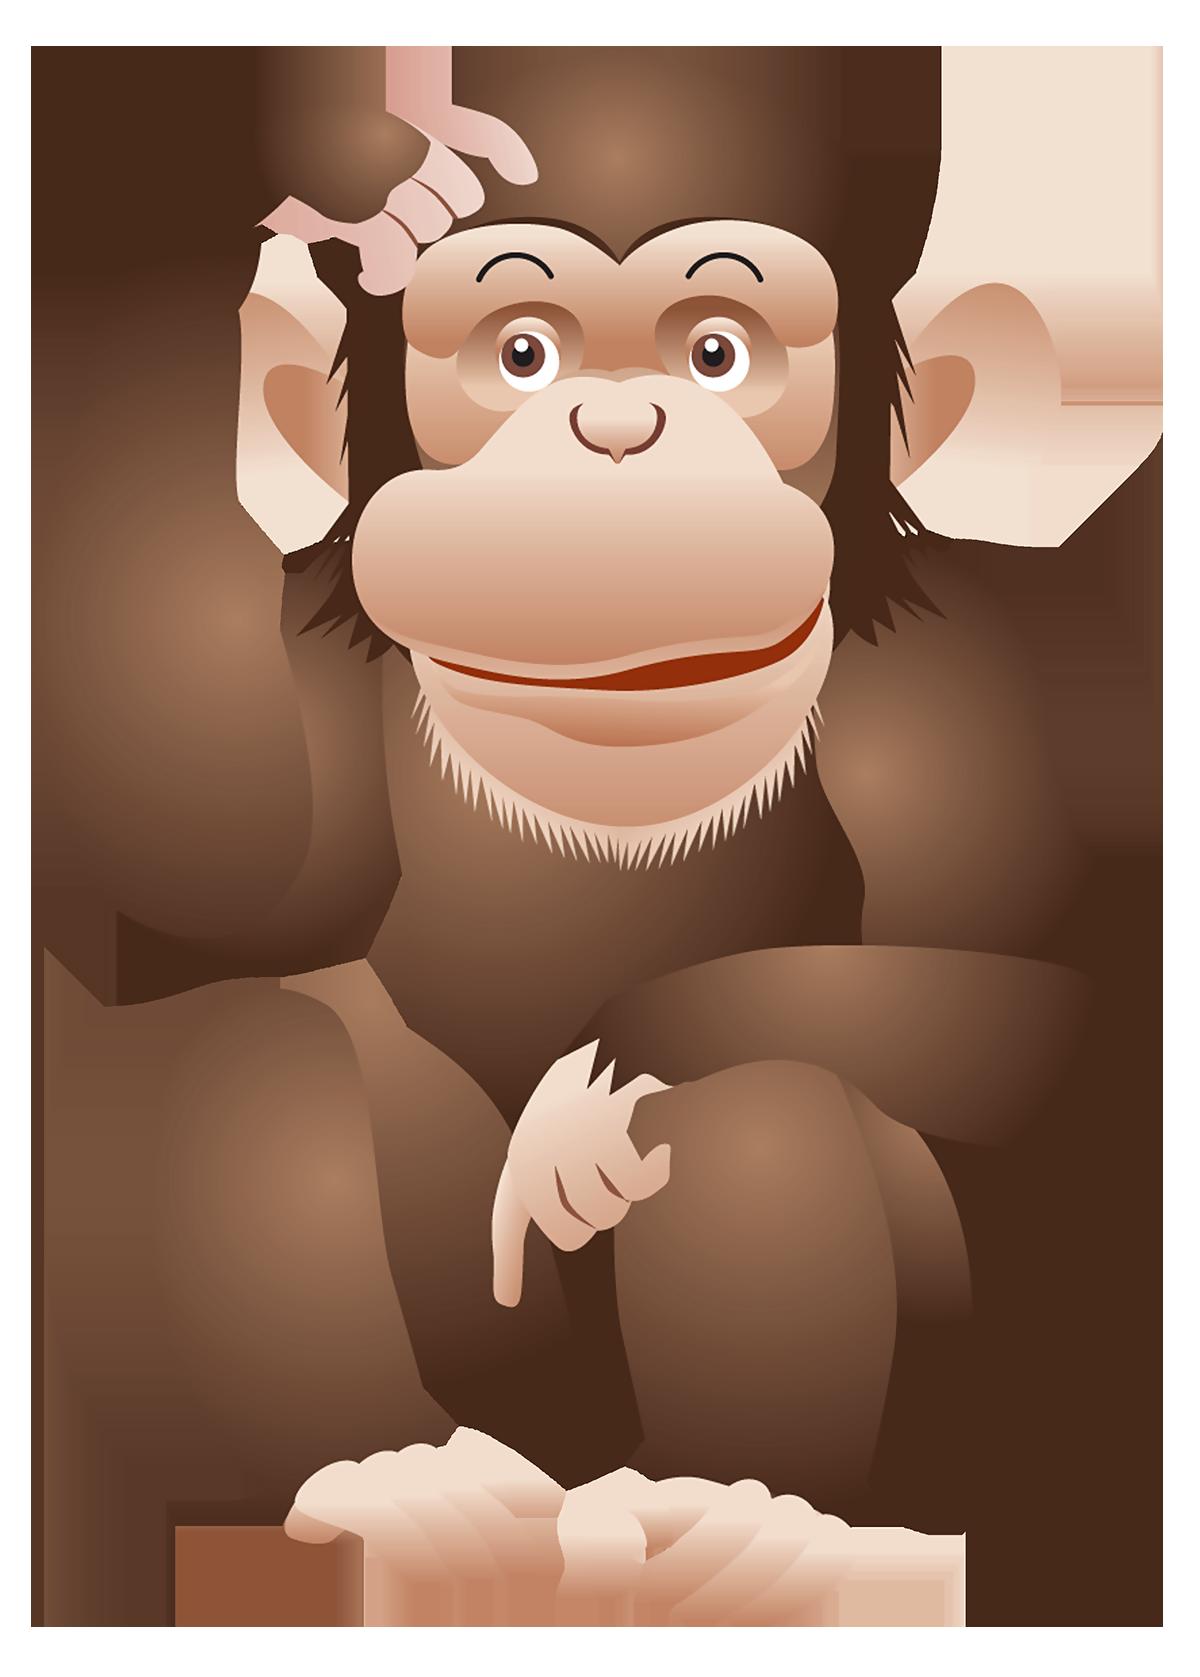 monkey transparent image monkey pinterest monkey and animal